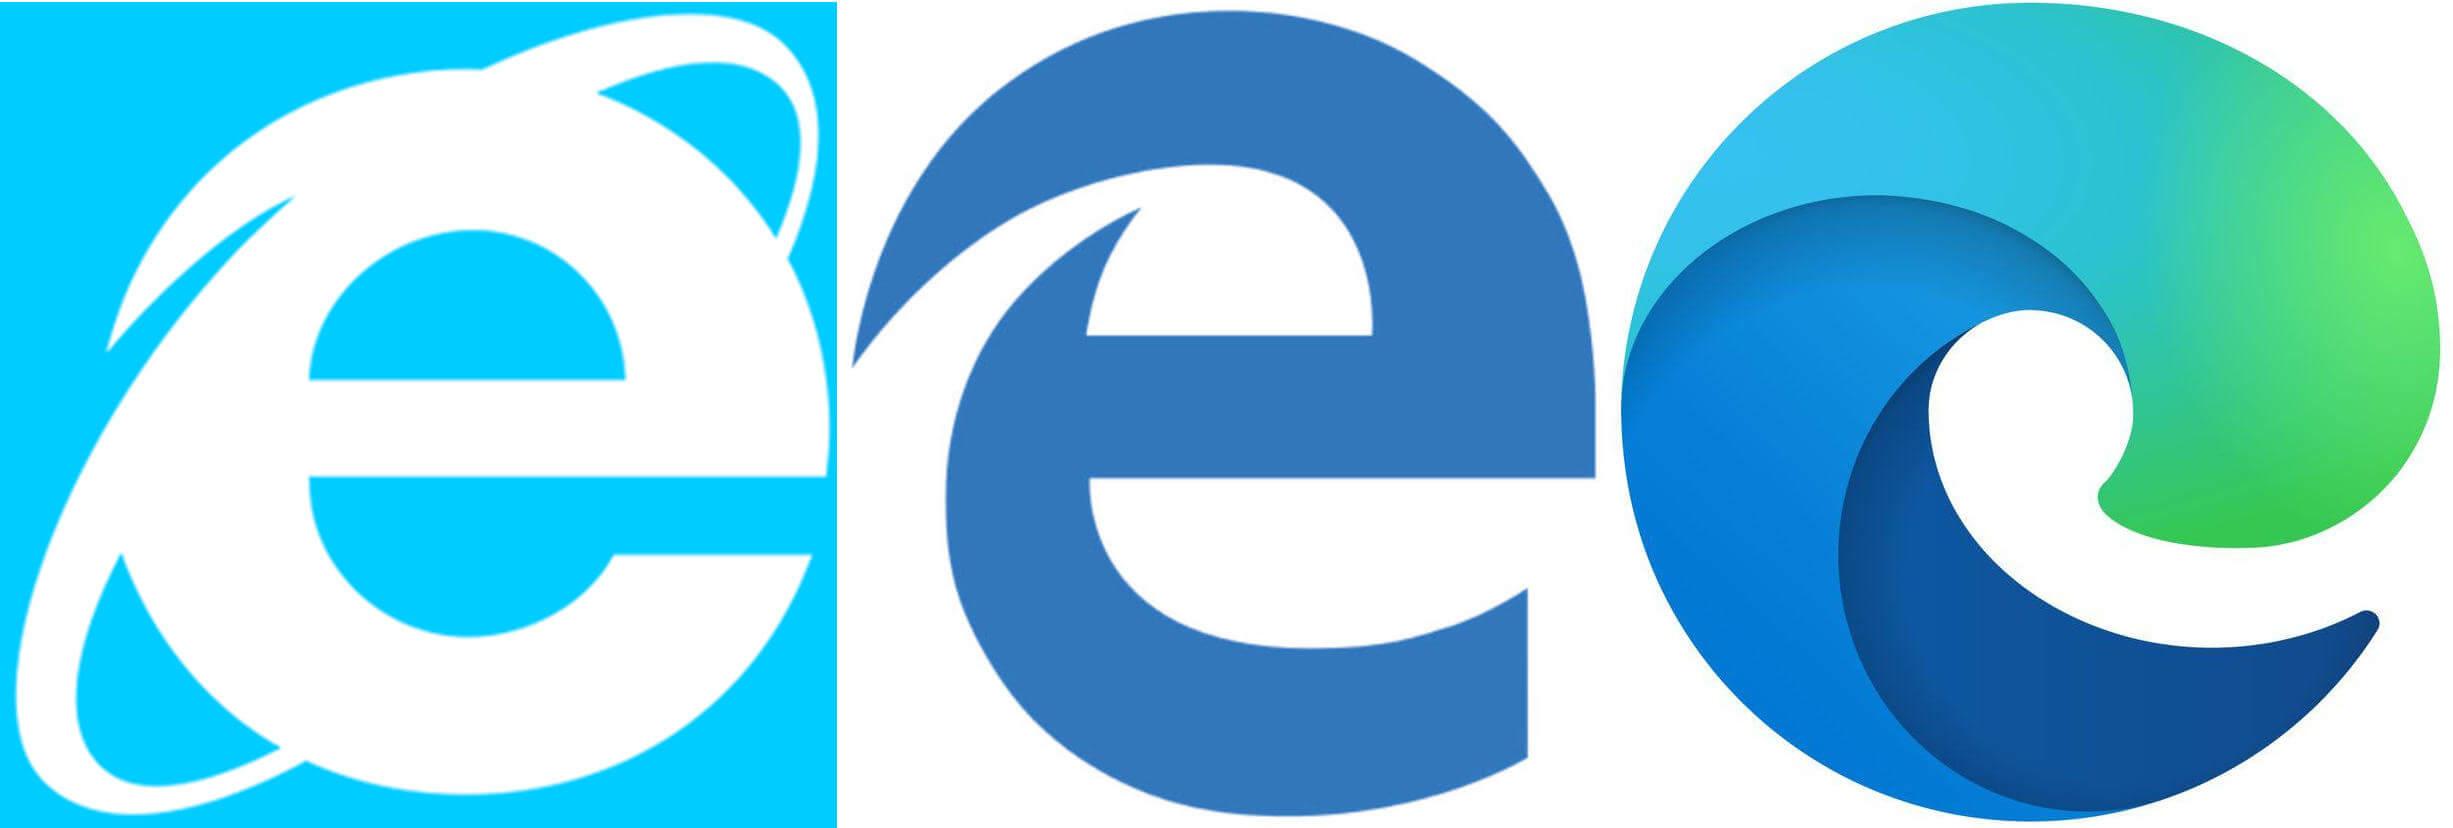 Microsoft browser logos